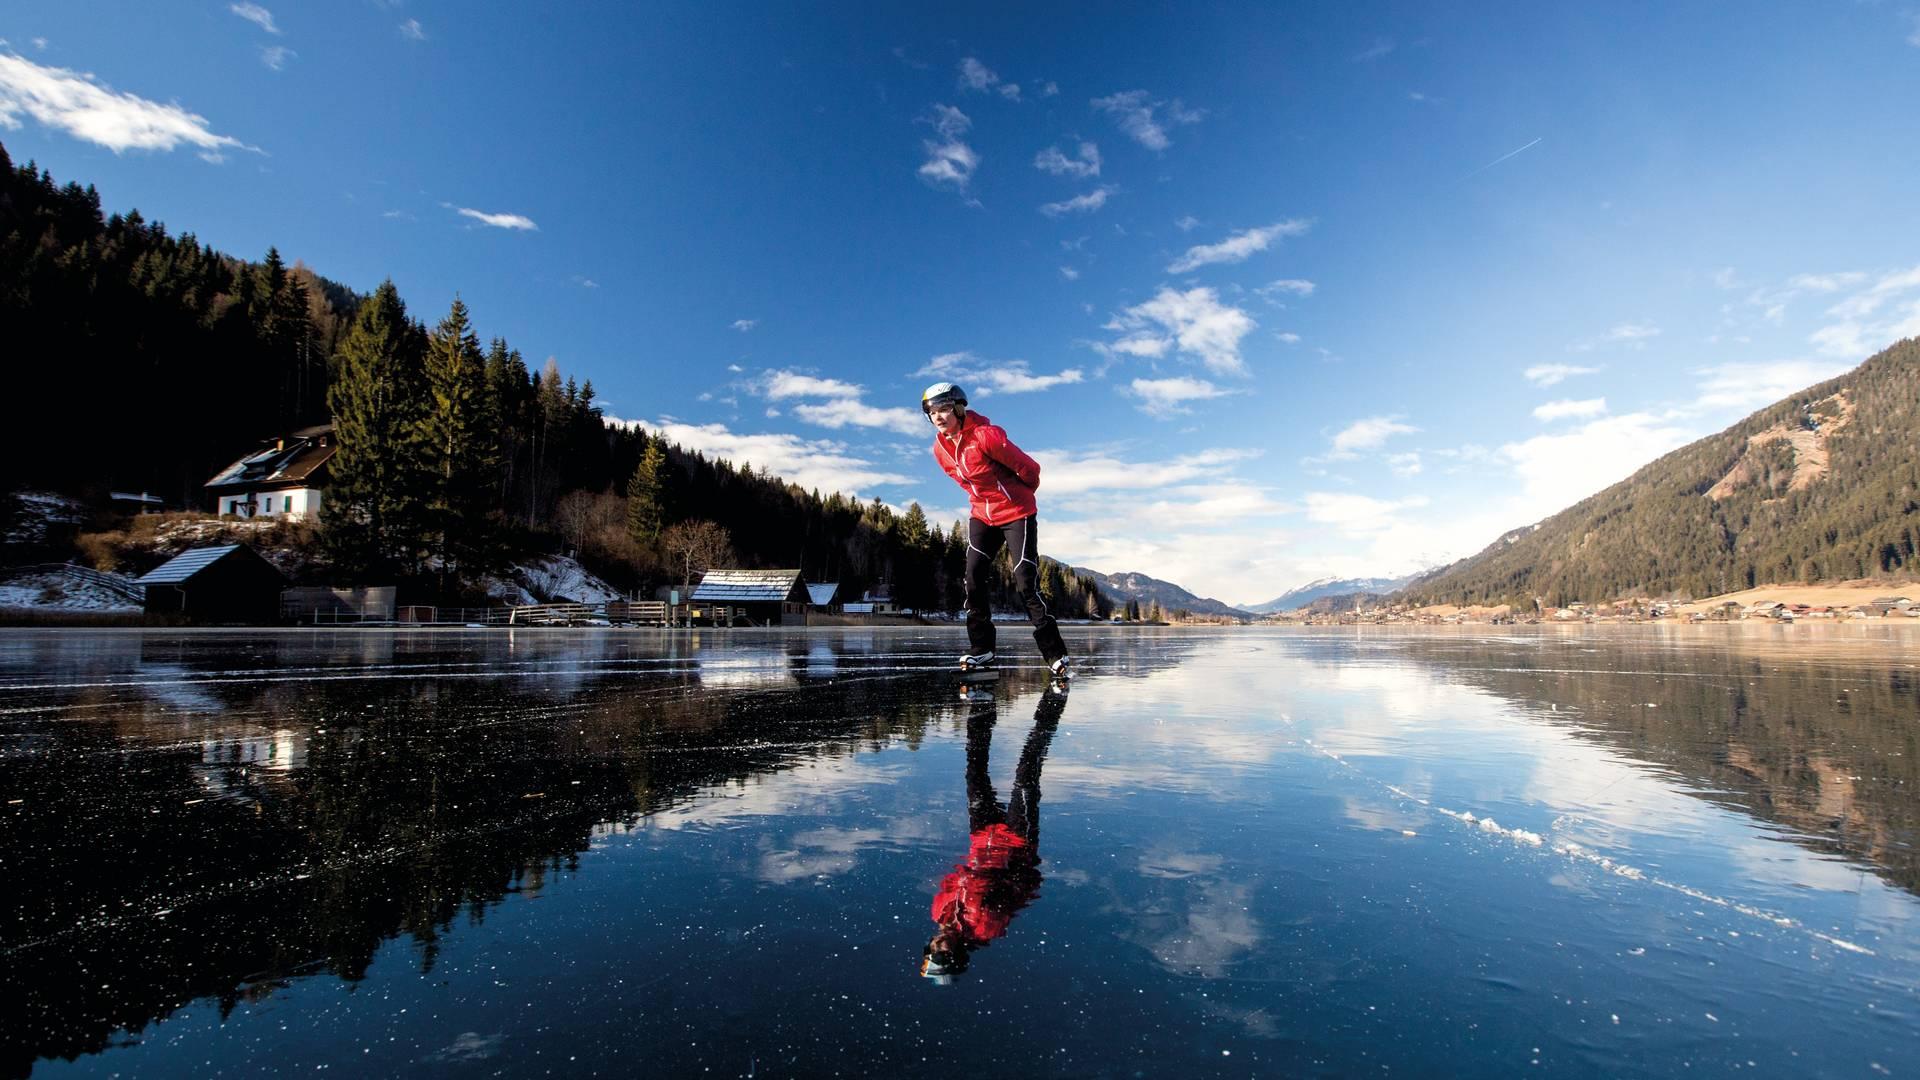 Region Weissensee_Winter_Eislaufen auf Spiegeleis